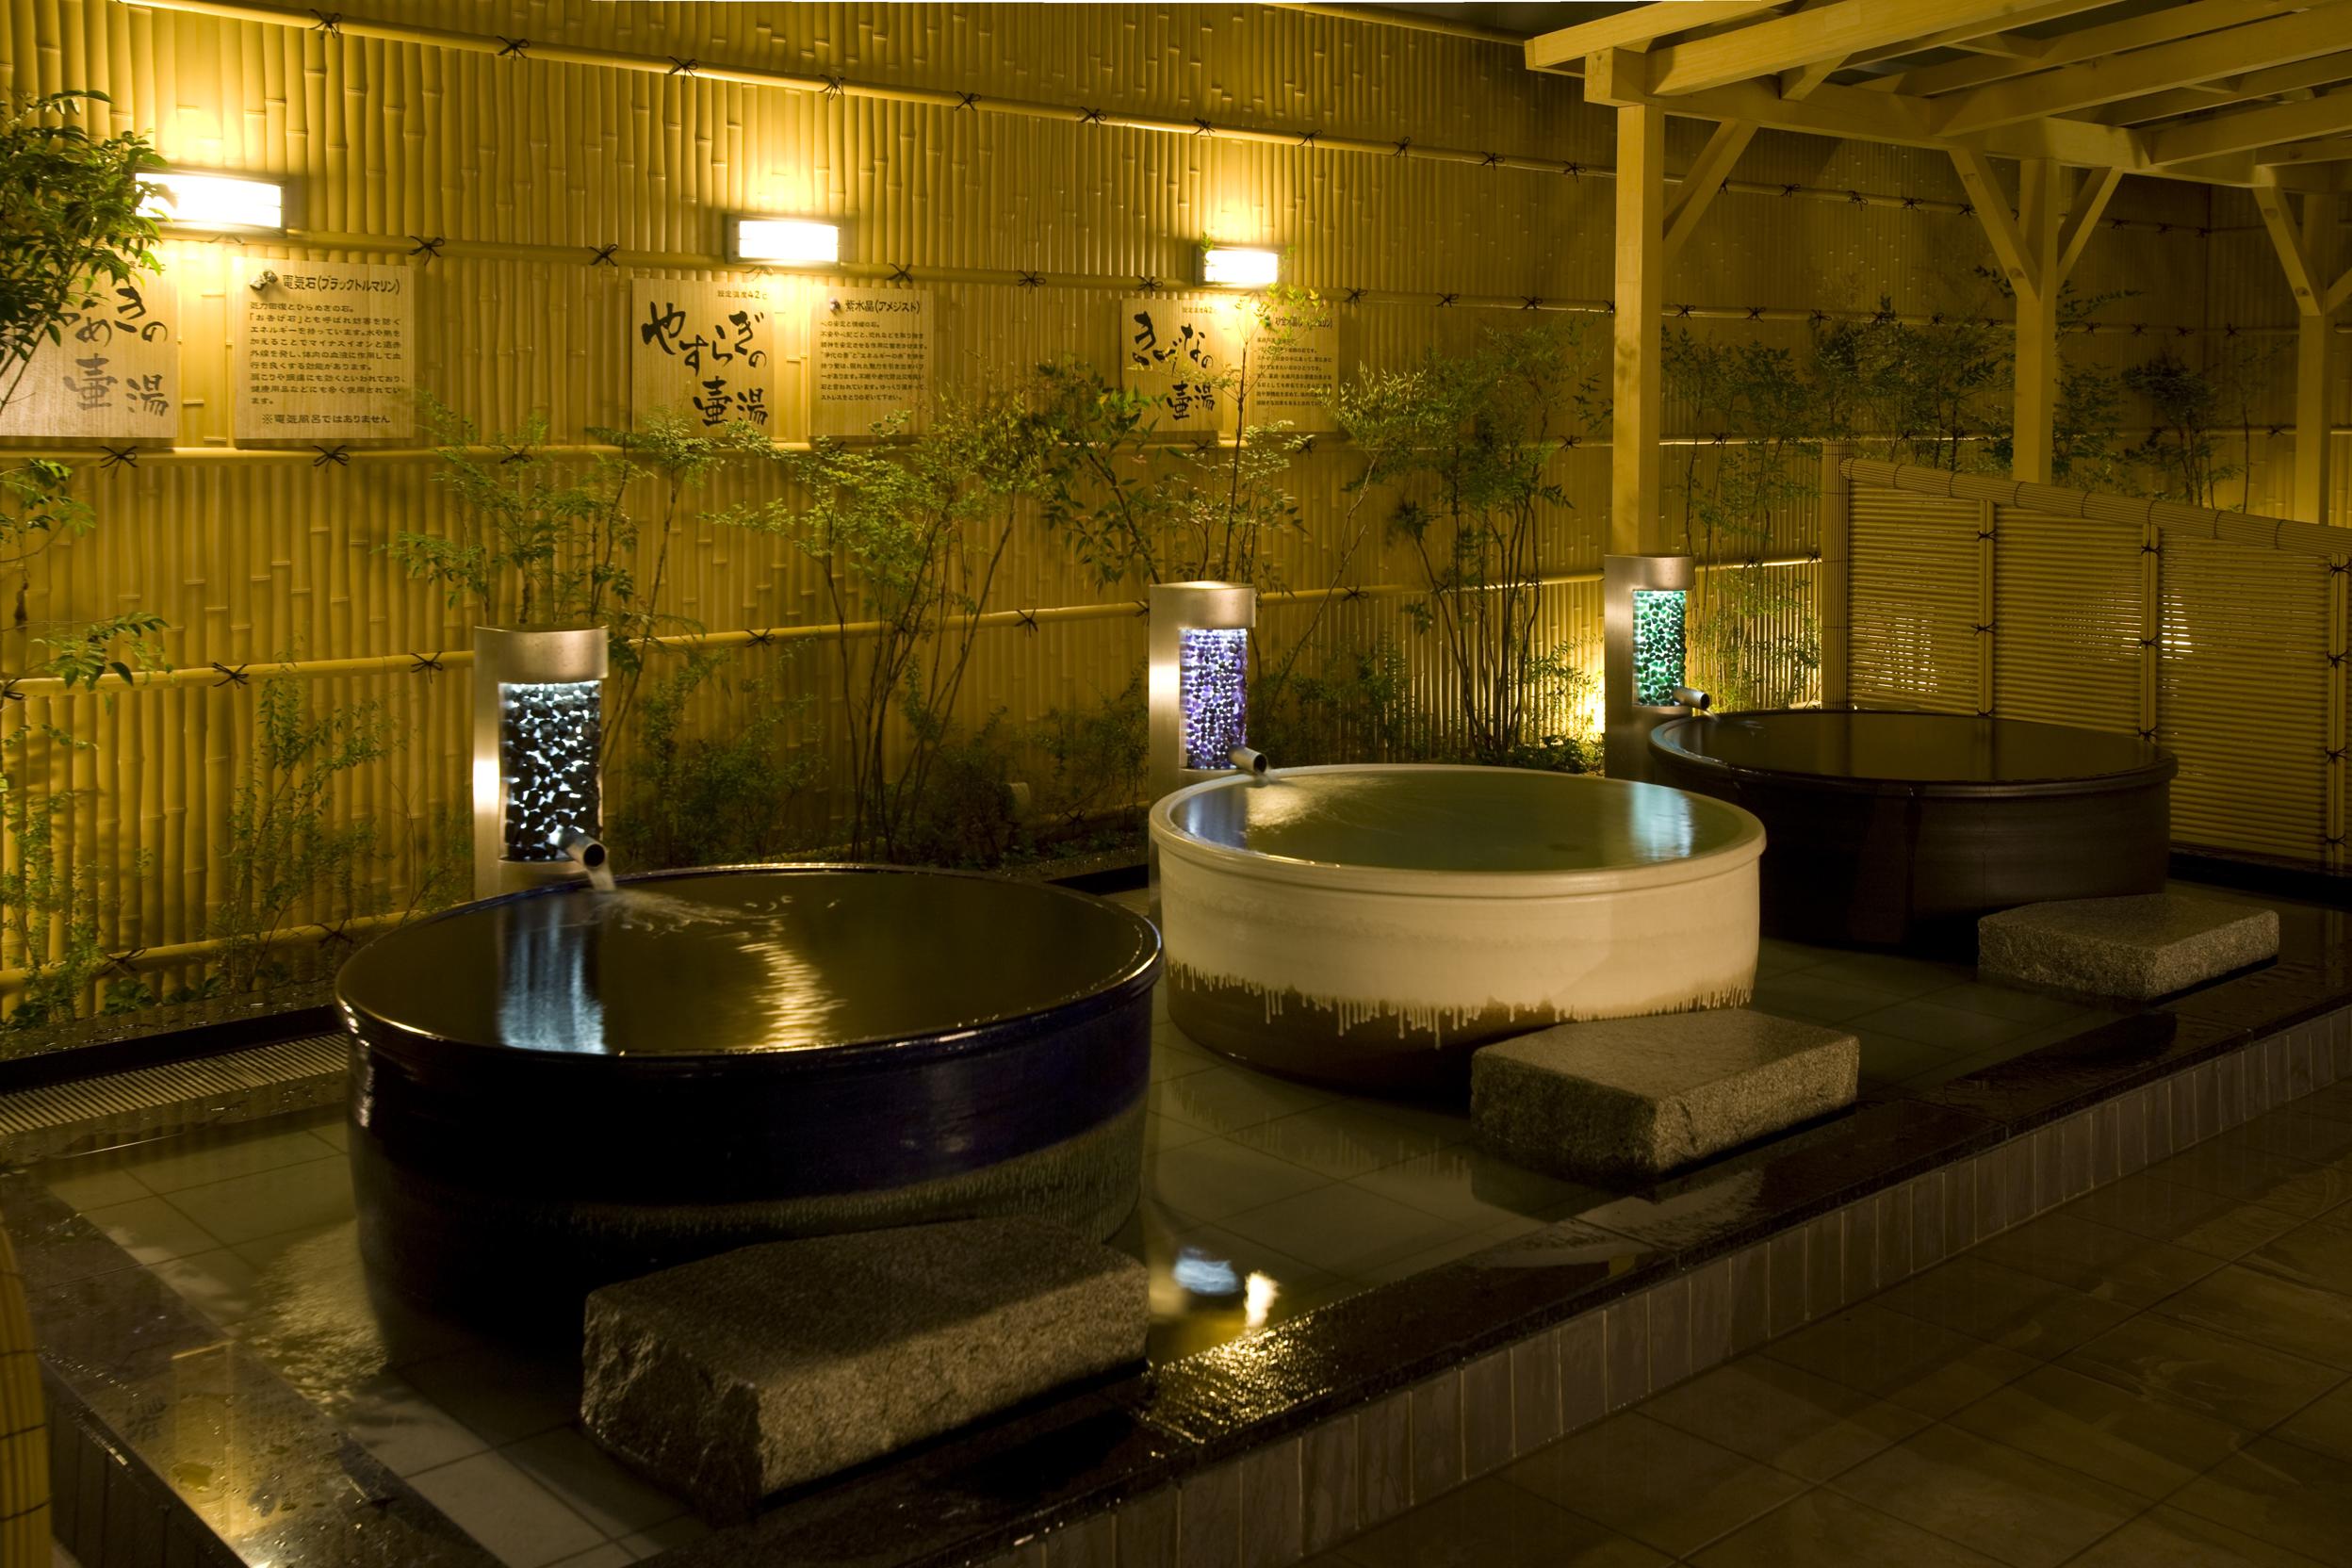 すぐ行ける天然温泉×スパ銭!名古屋近郊おすすめ日帰り入浴施設7選 - 568fab60ad37190aa7e68f7c28fb35ff